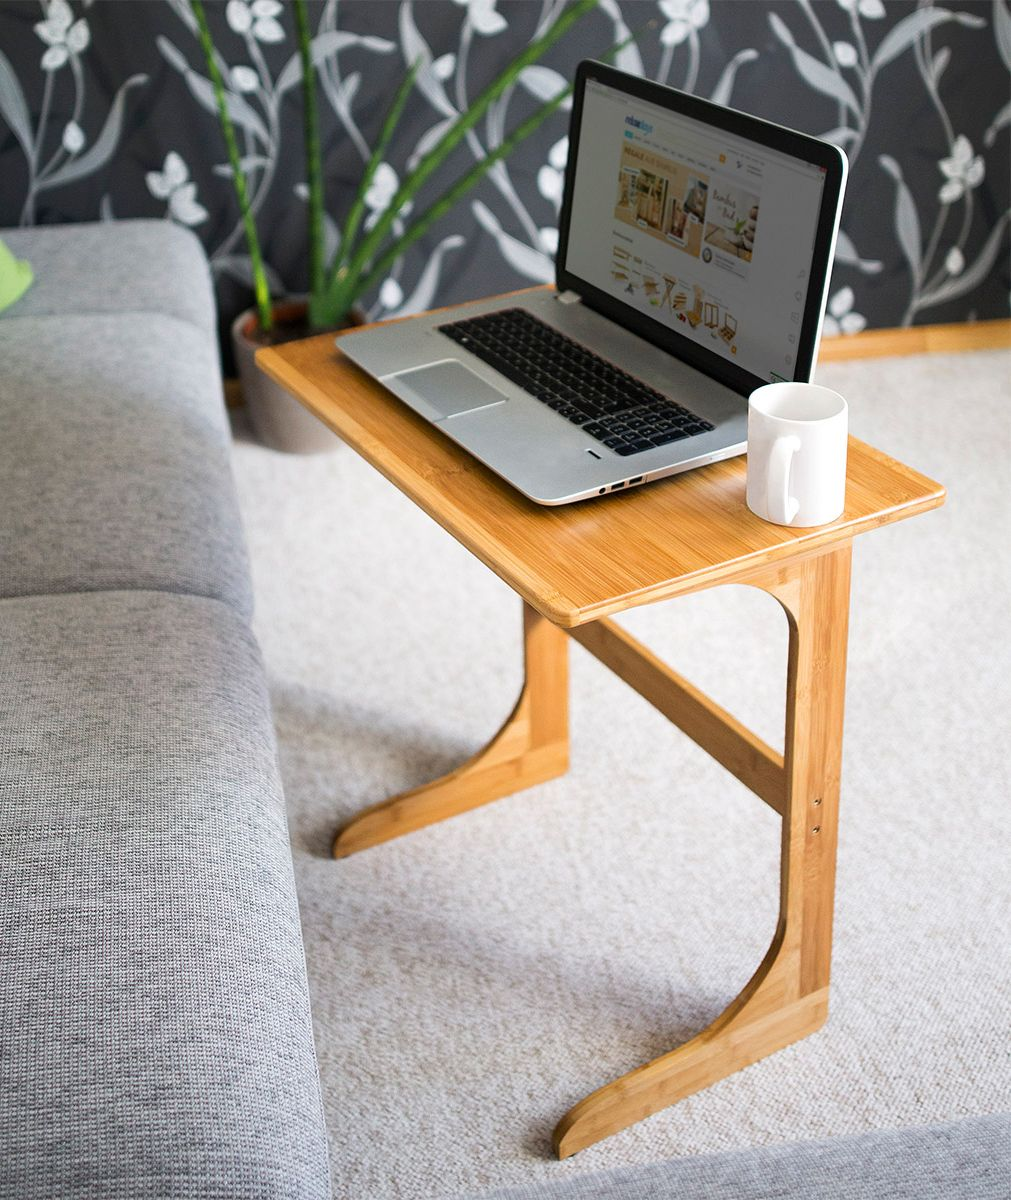 laptop beistelltisch bambus m bel aus bambus pinterest bambus beistelltische und praktisch. Black Bedroom Furniture Sets. Home Design Ideas